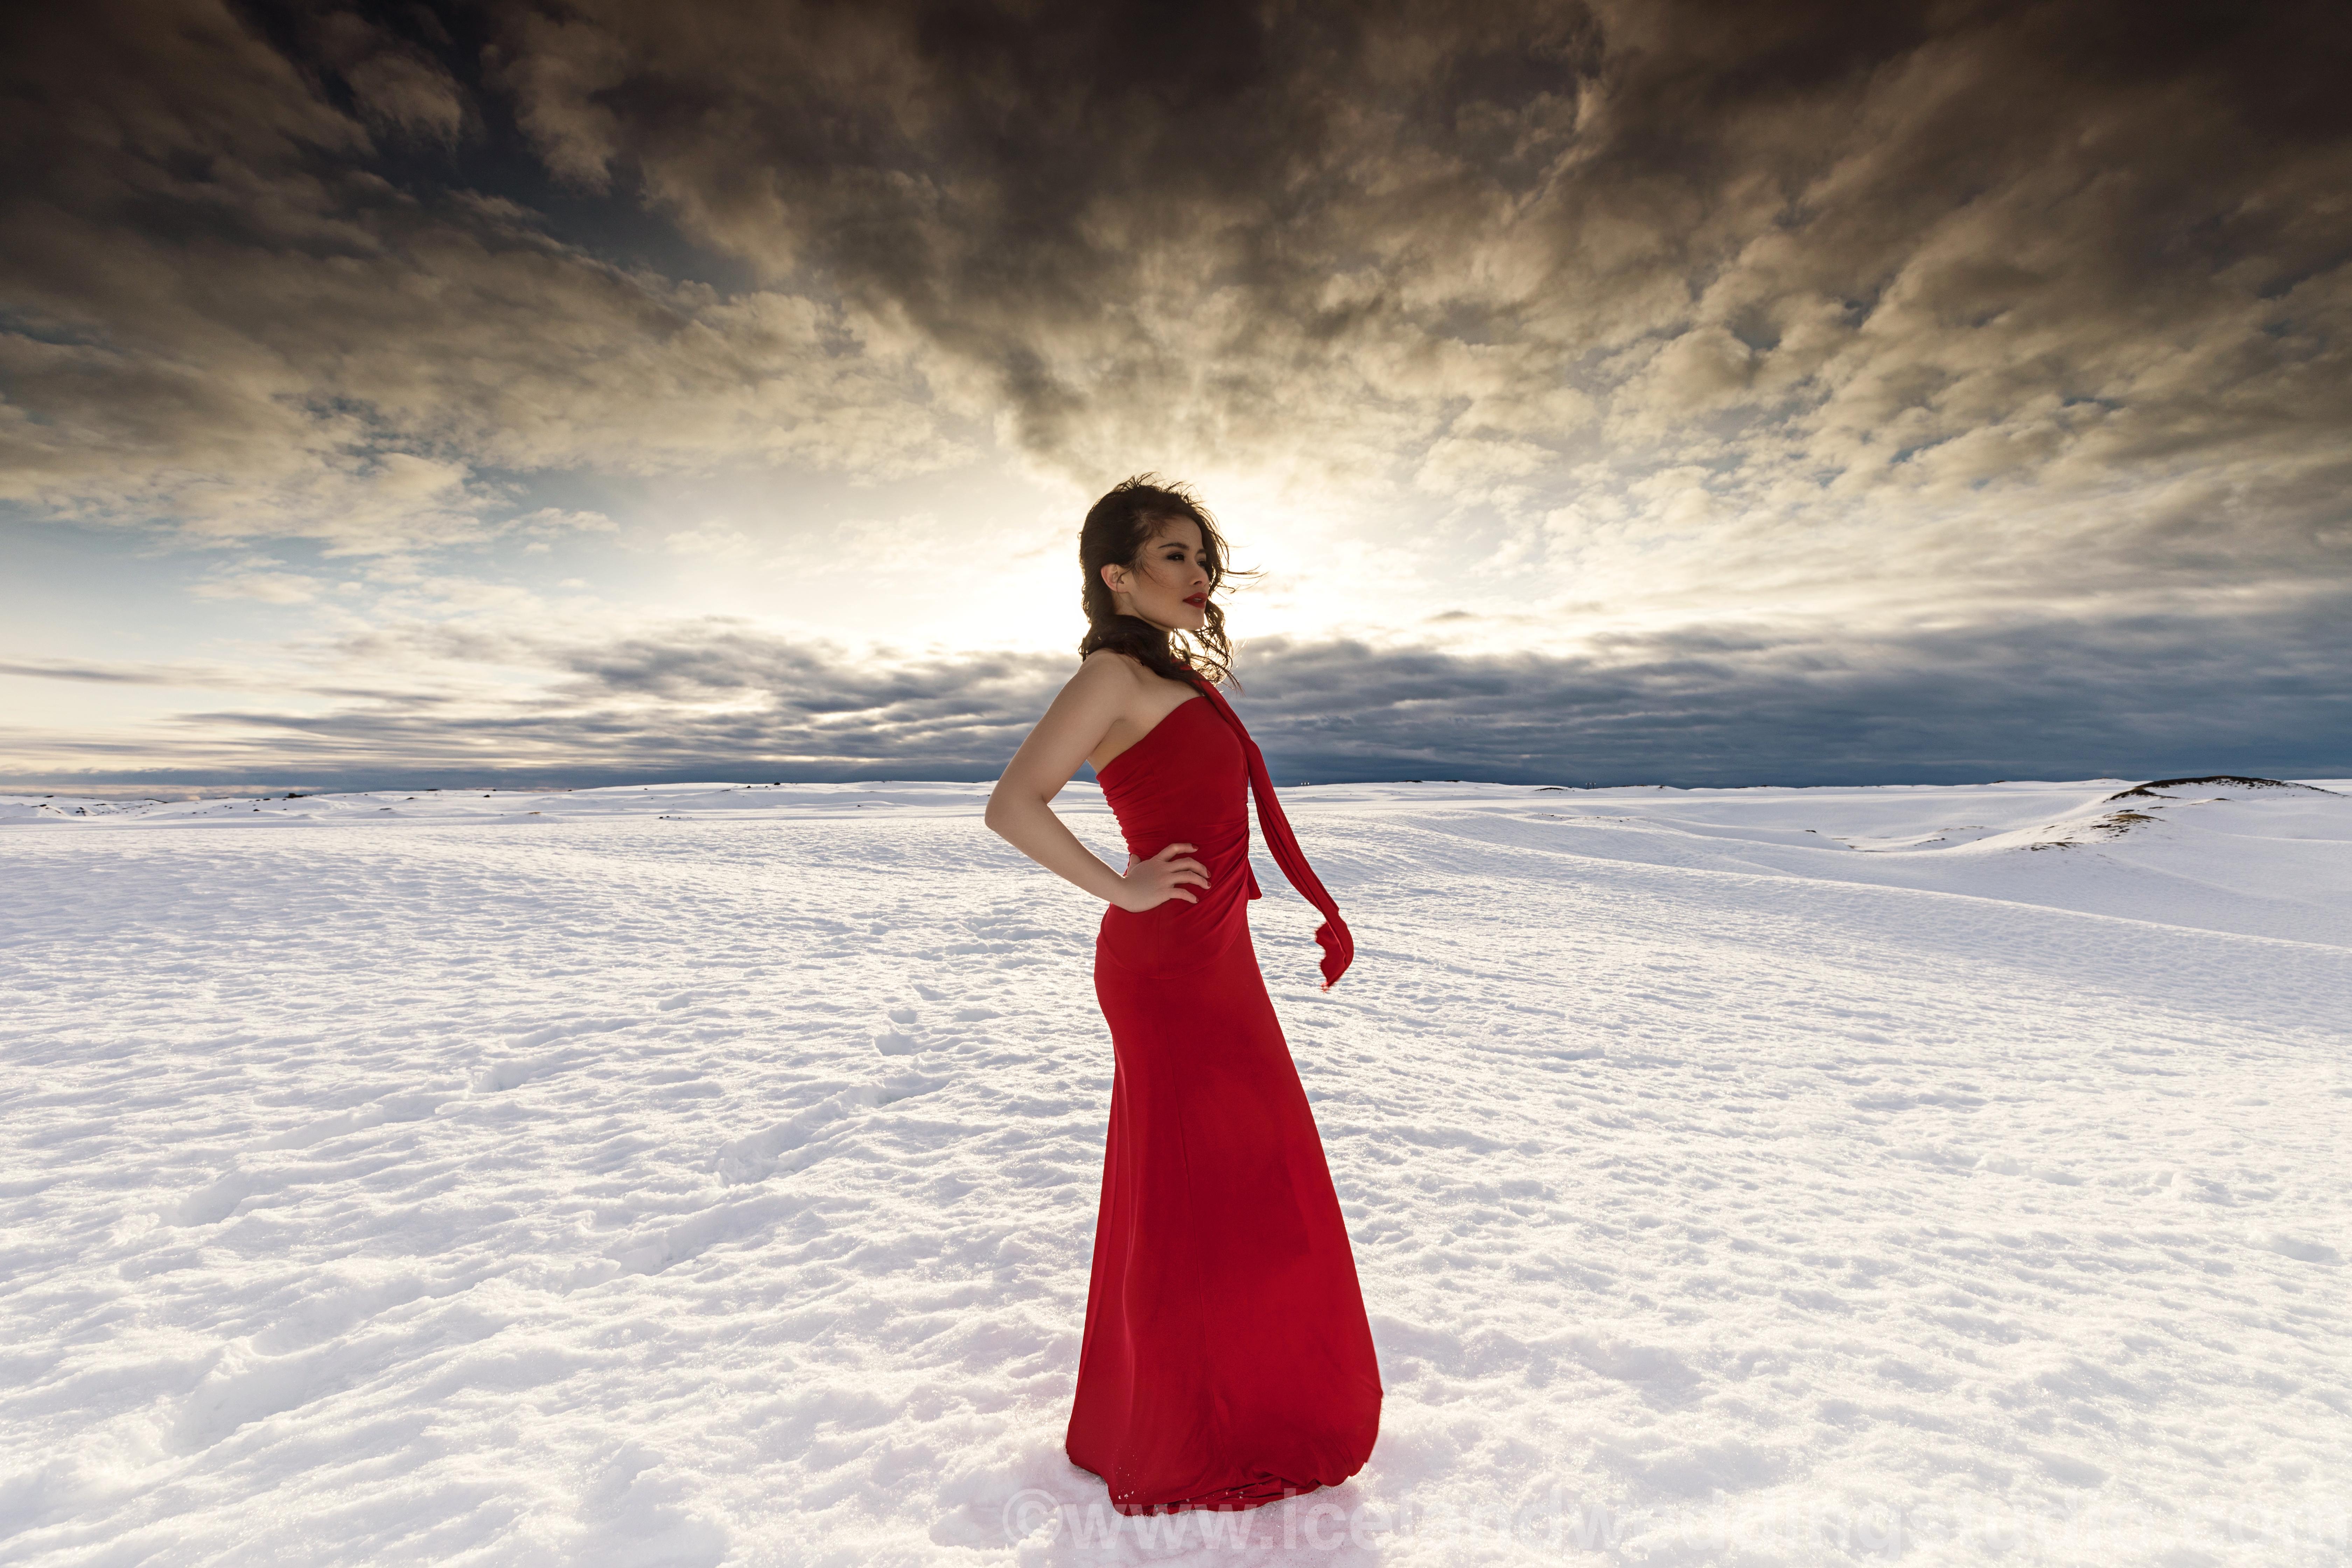 冰川写真,冰岛著名摄影师